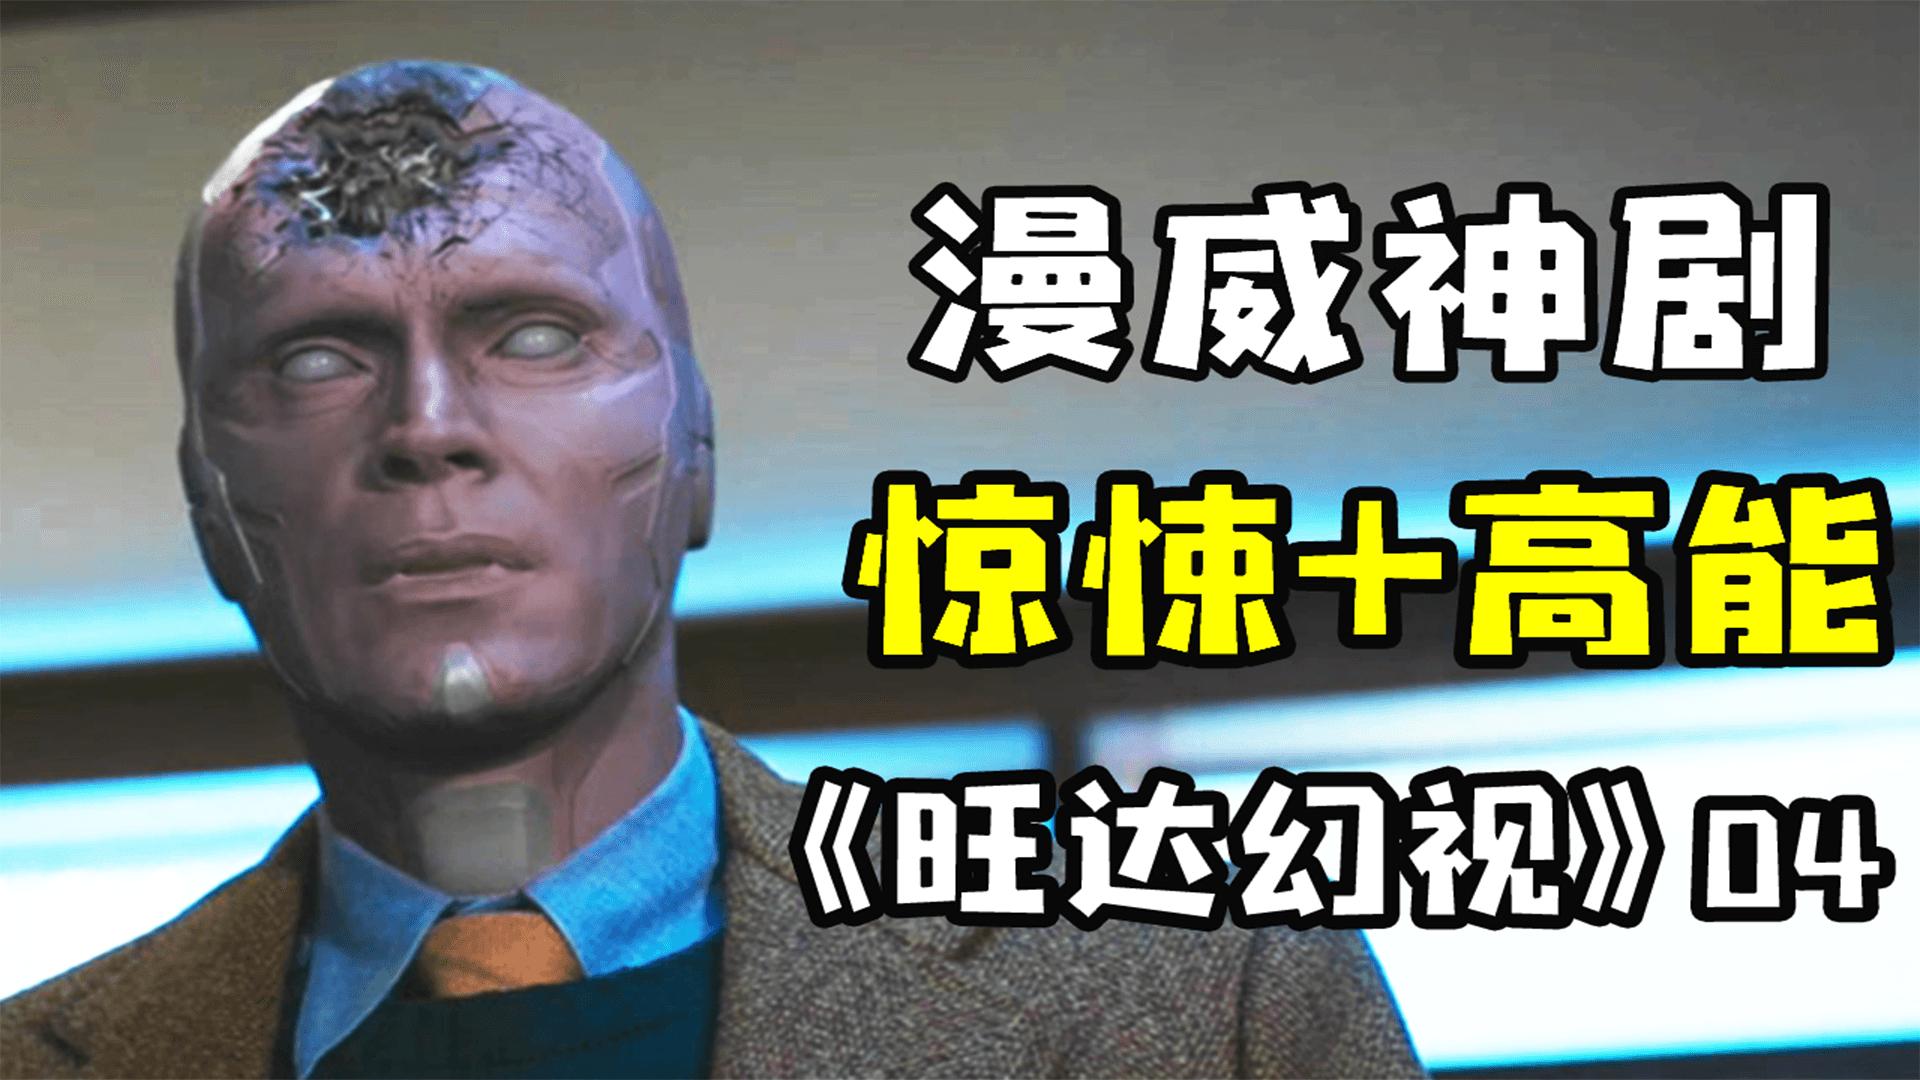 【汤圆】联动《蚁人2》《雷神》《惊奇队长》9.0分漫威惊悚剧《旺达幻视》第四集剧情解析